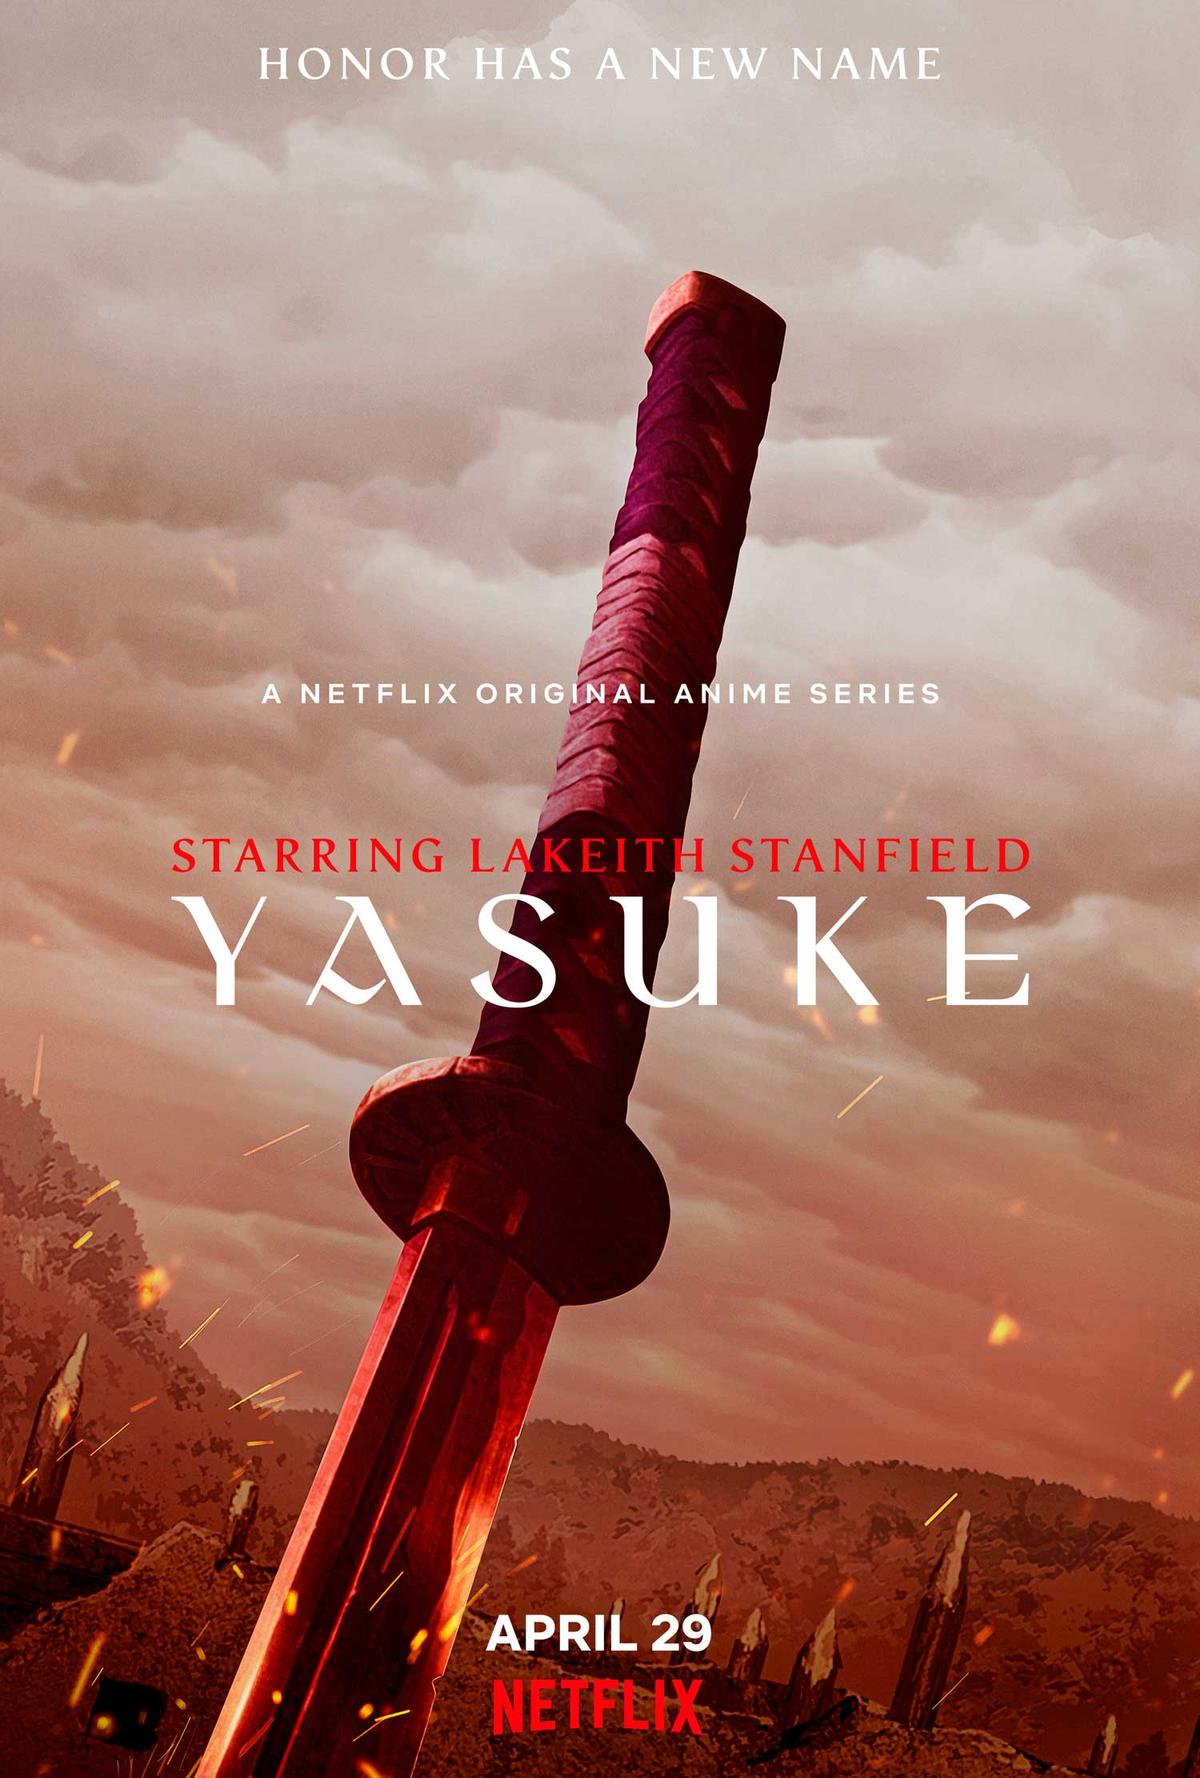 Аниме по заветам Netflix: первый черный самурай спасает Японию в дебютном тизер-трейлере «Яске», Стриминговый сервис набирает обороты по части анимации